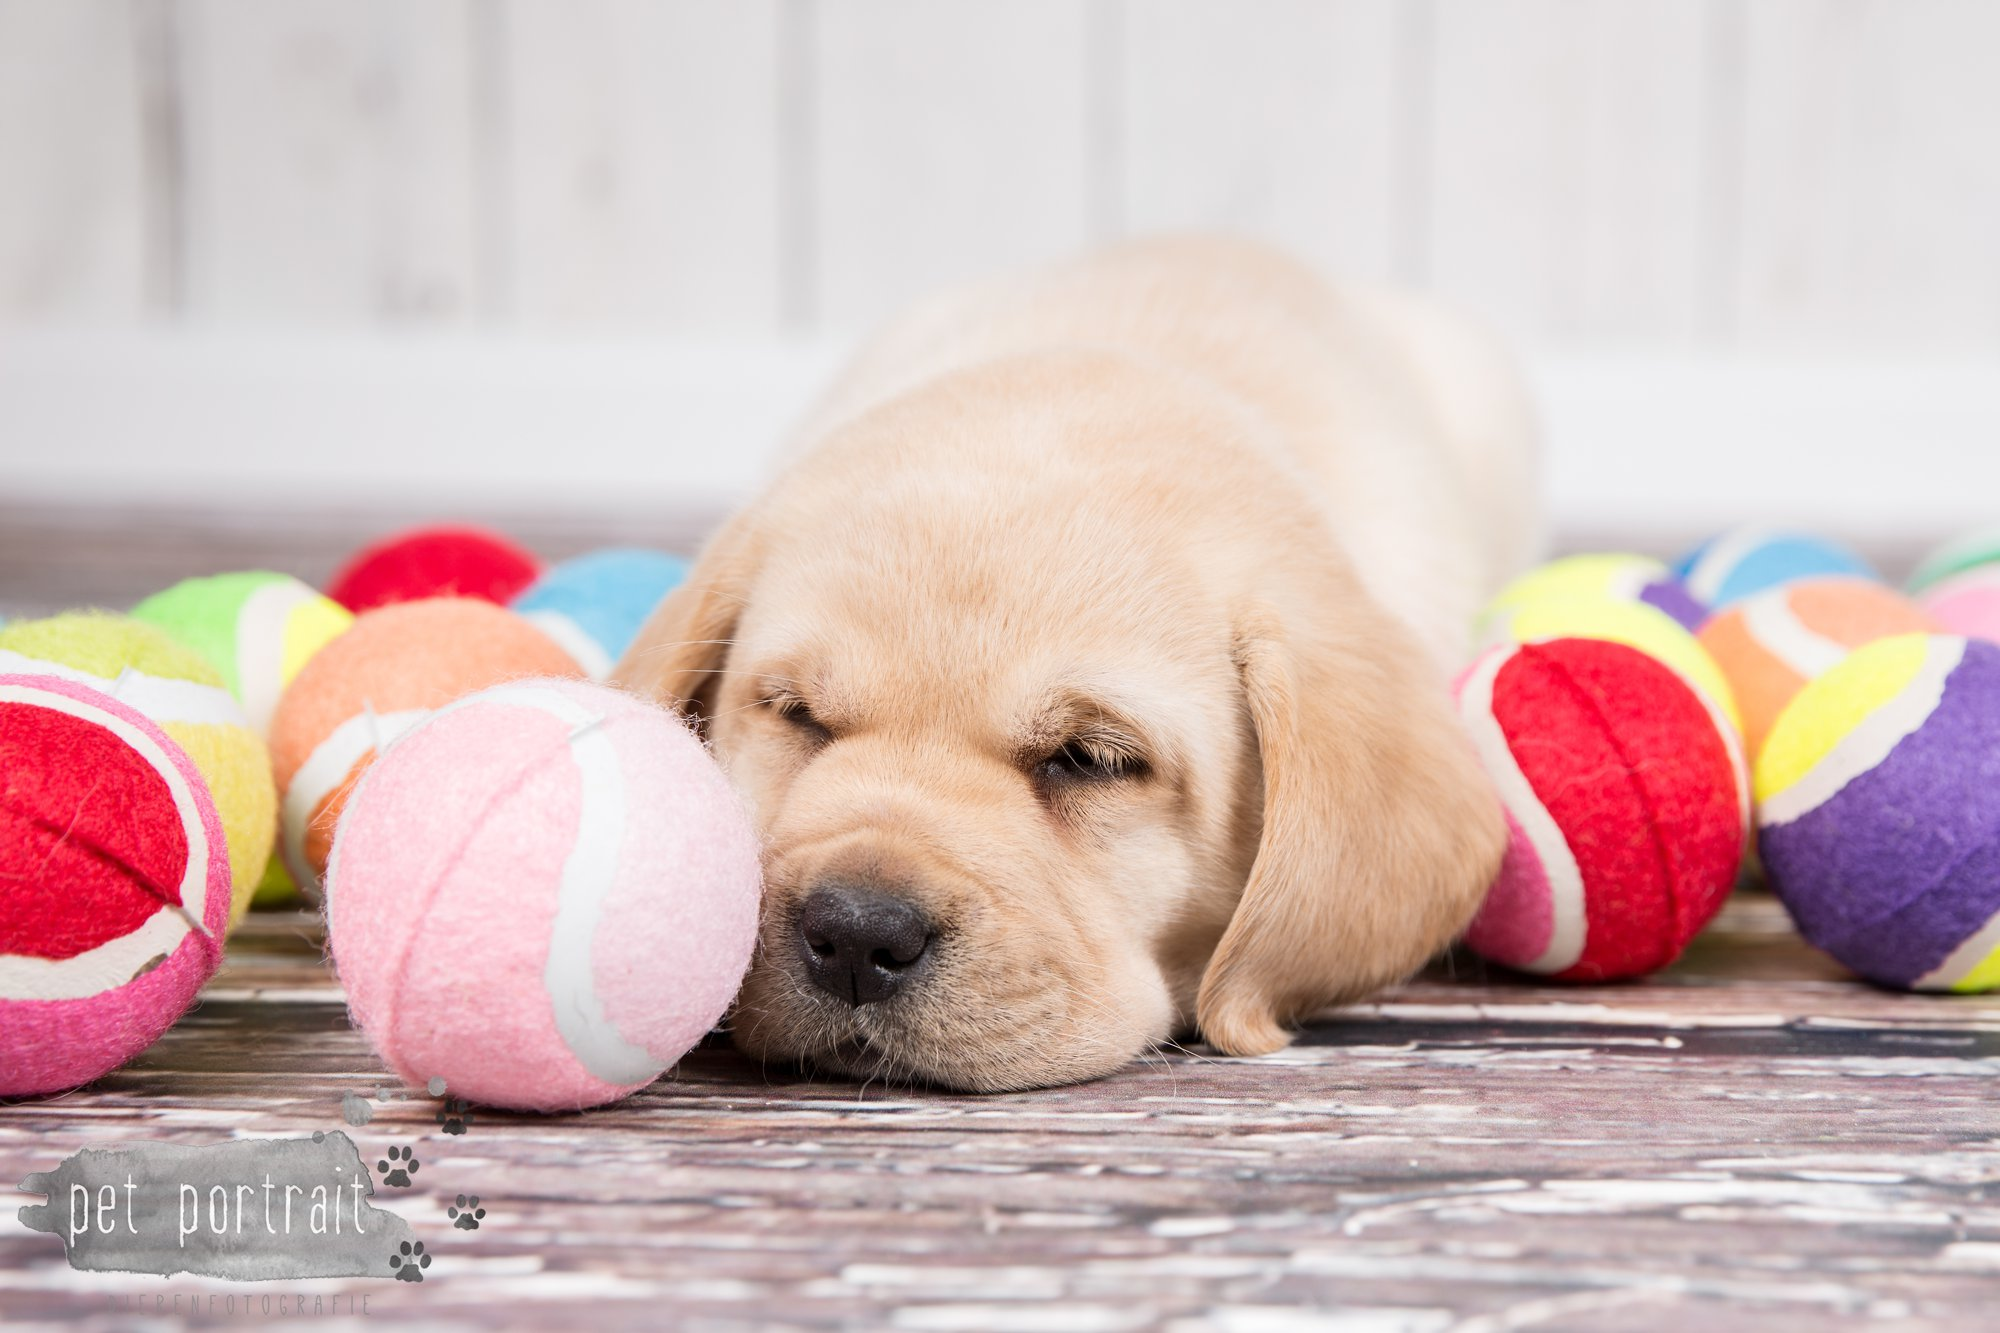 Hondenfotograaf Hillegom - Nestfotoshoot voor Labrador pups-42